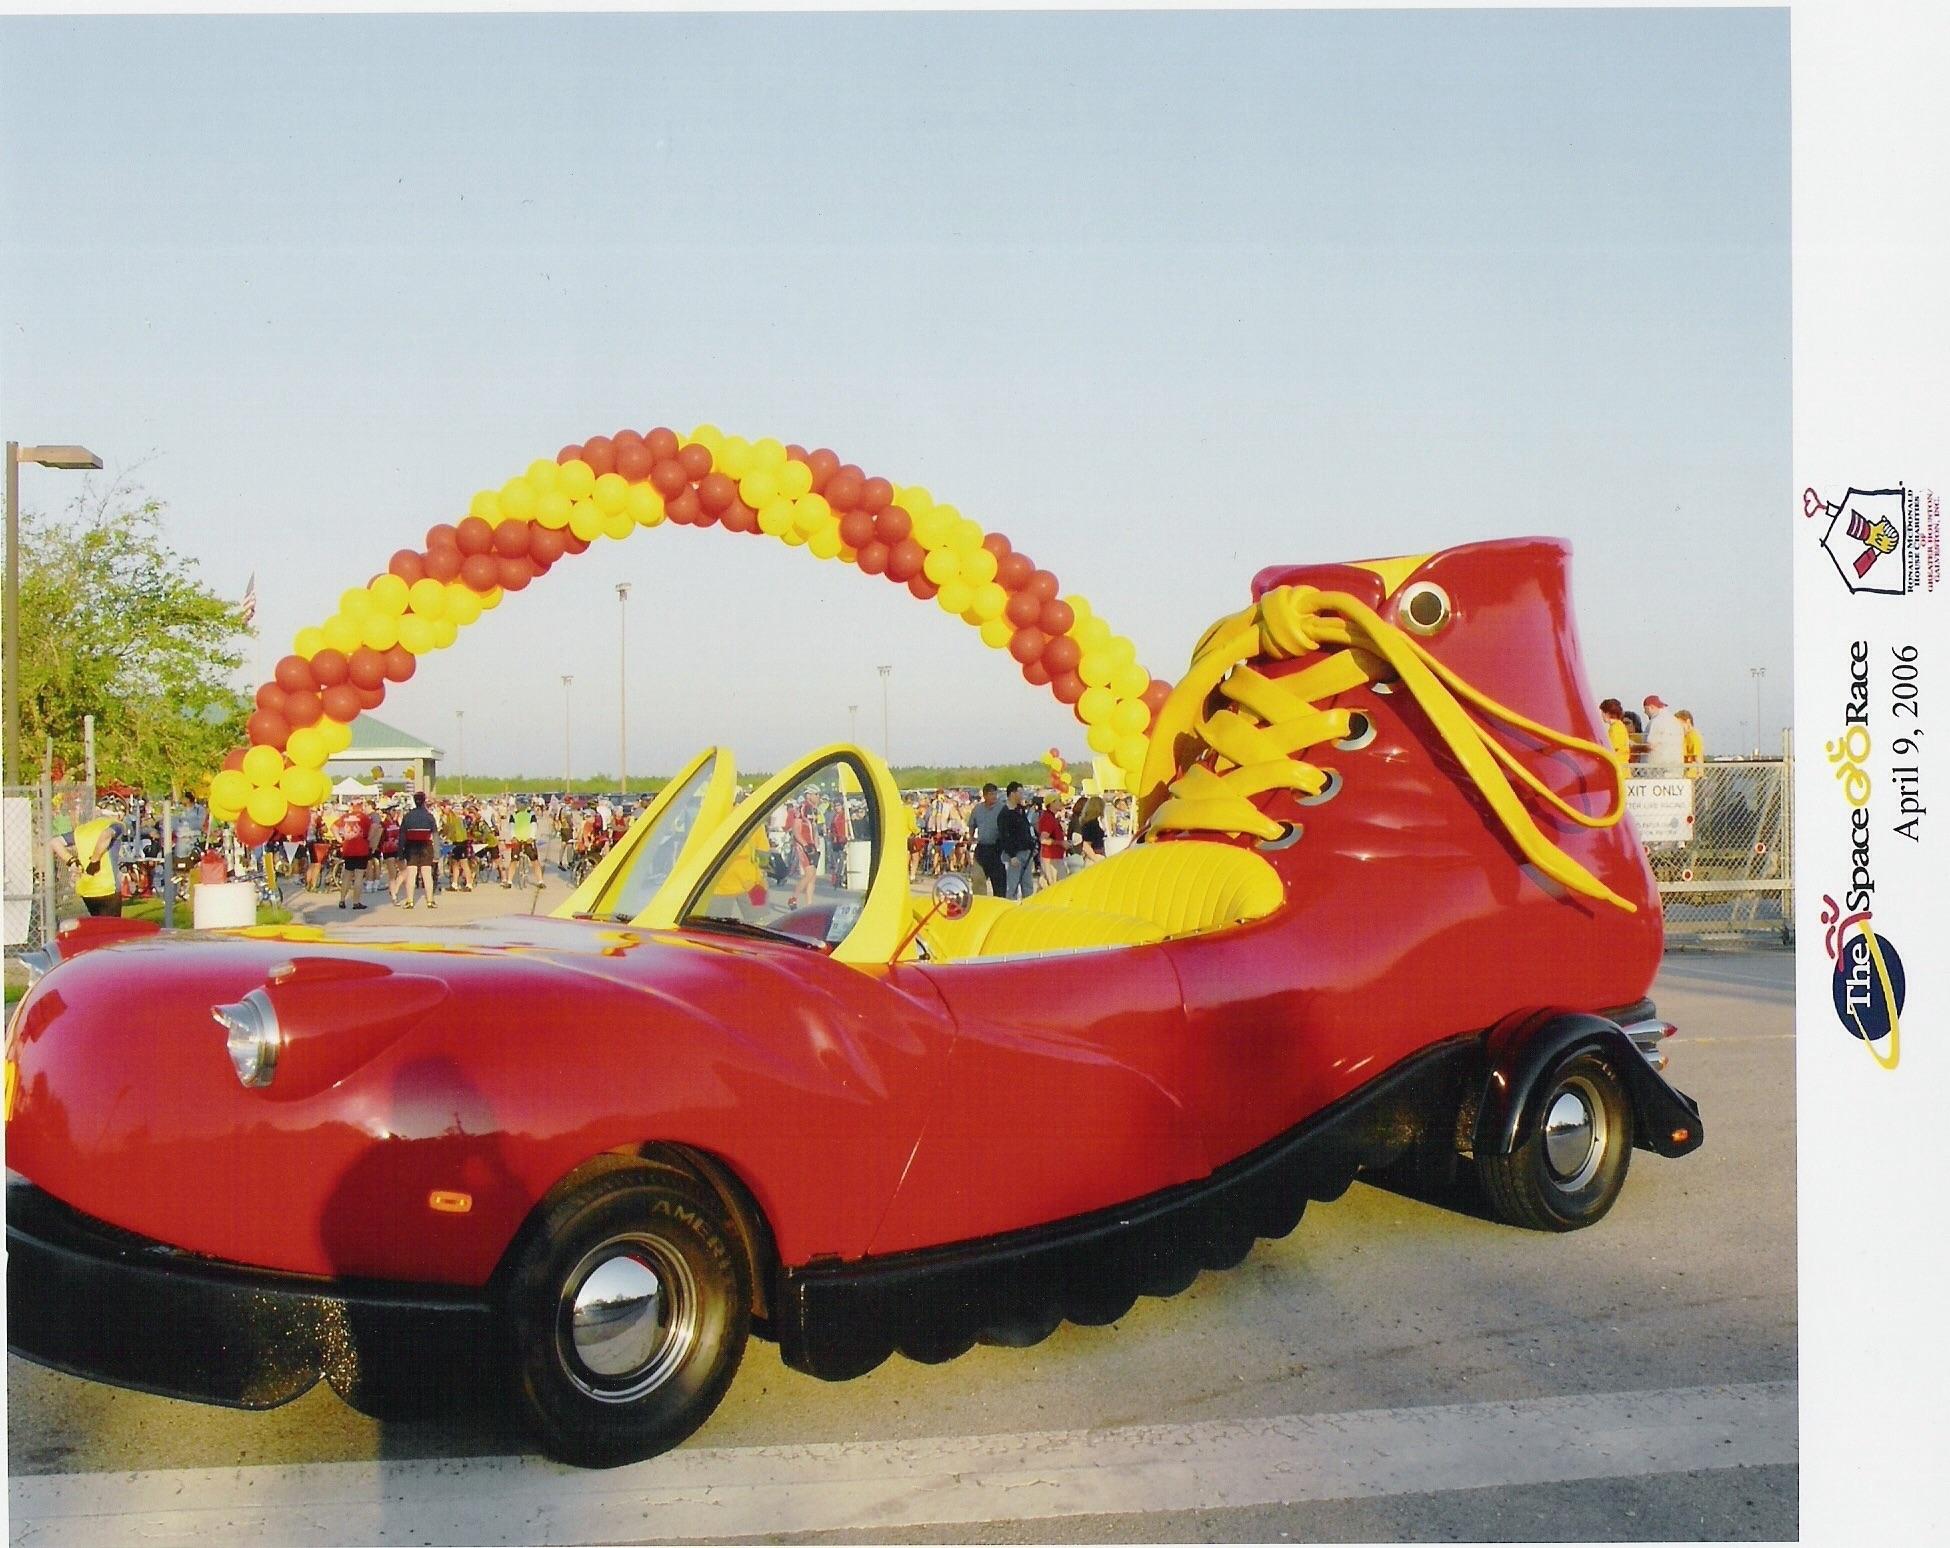 Car Shoe: Ronald McDonald's Car